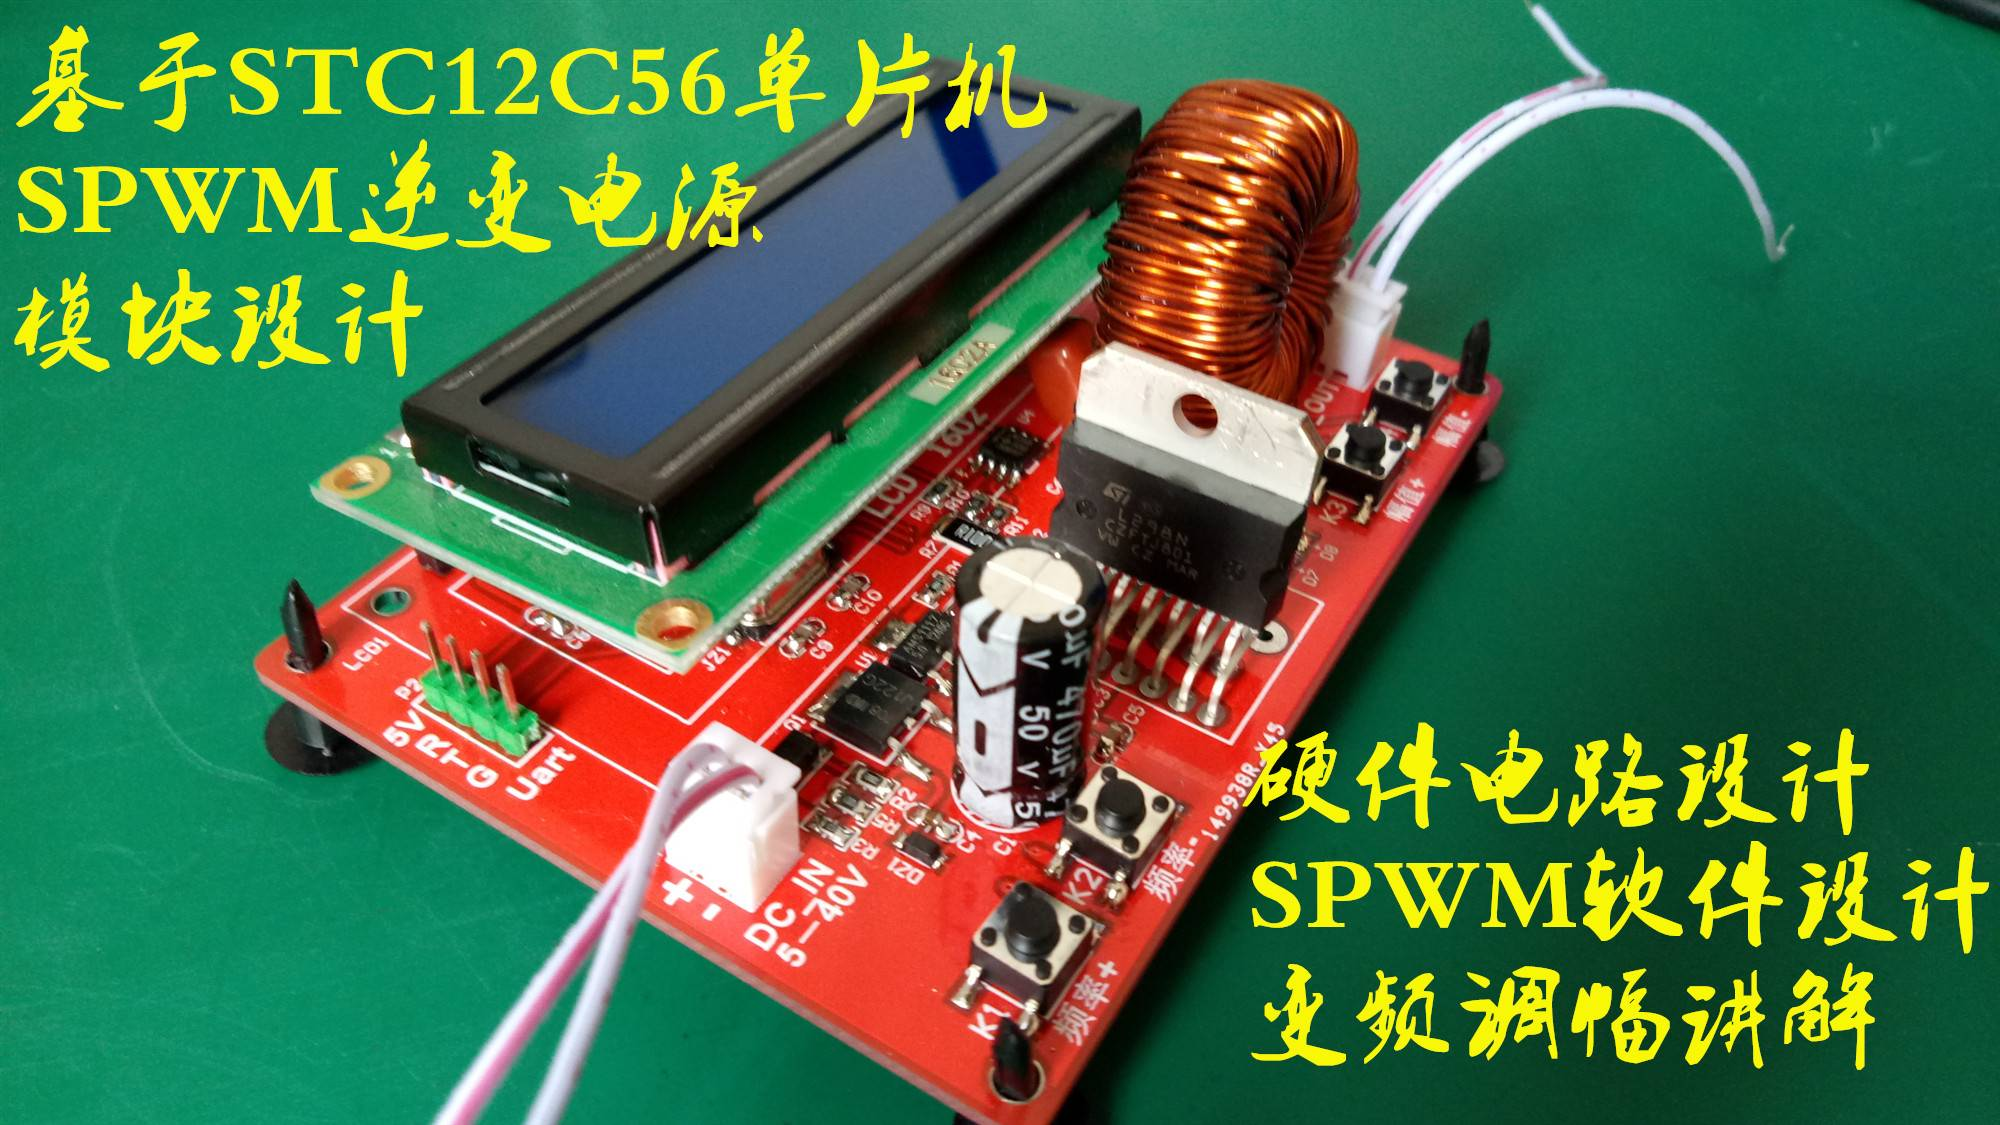 基于STC12C5608AD单片机SPWM逆变软件硬件设计讲解